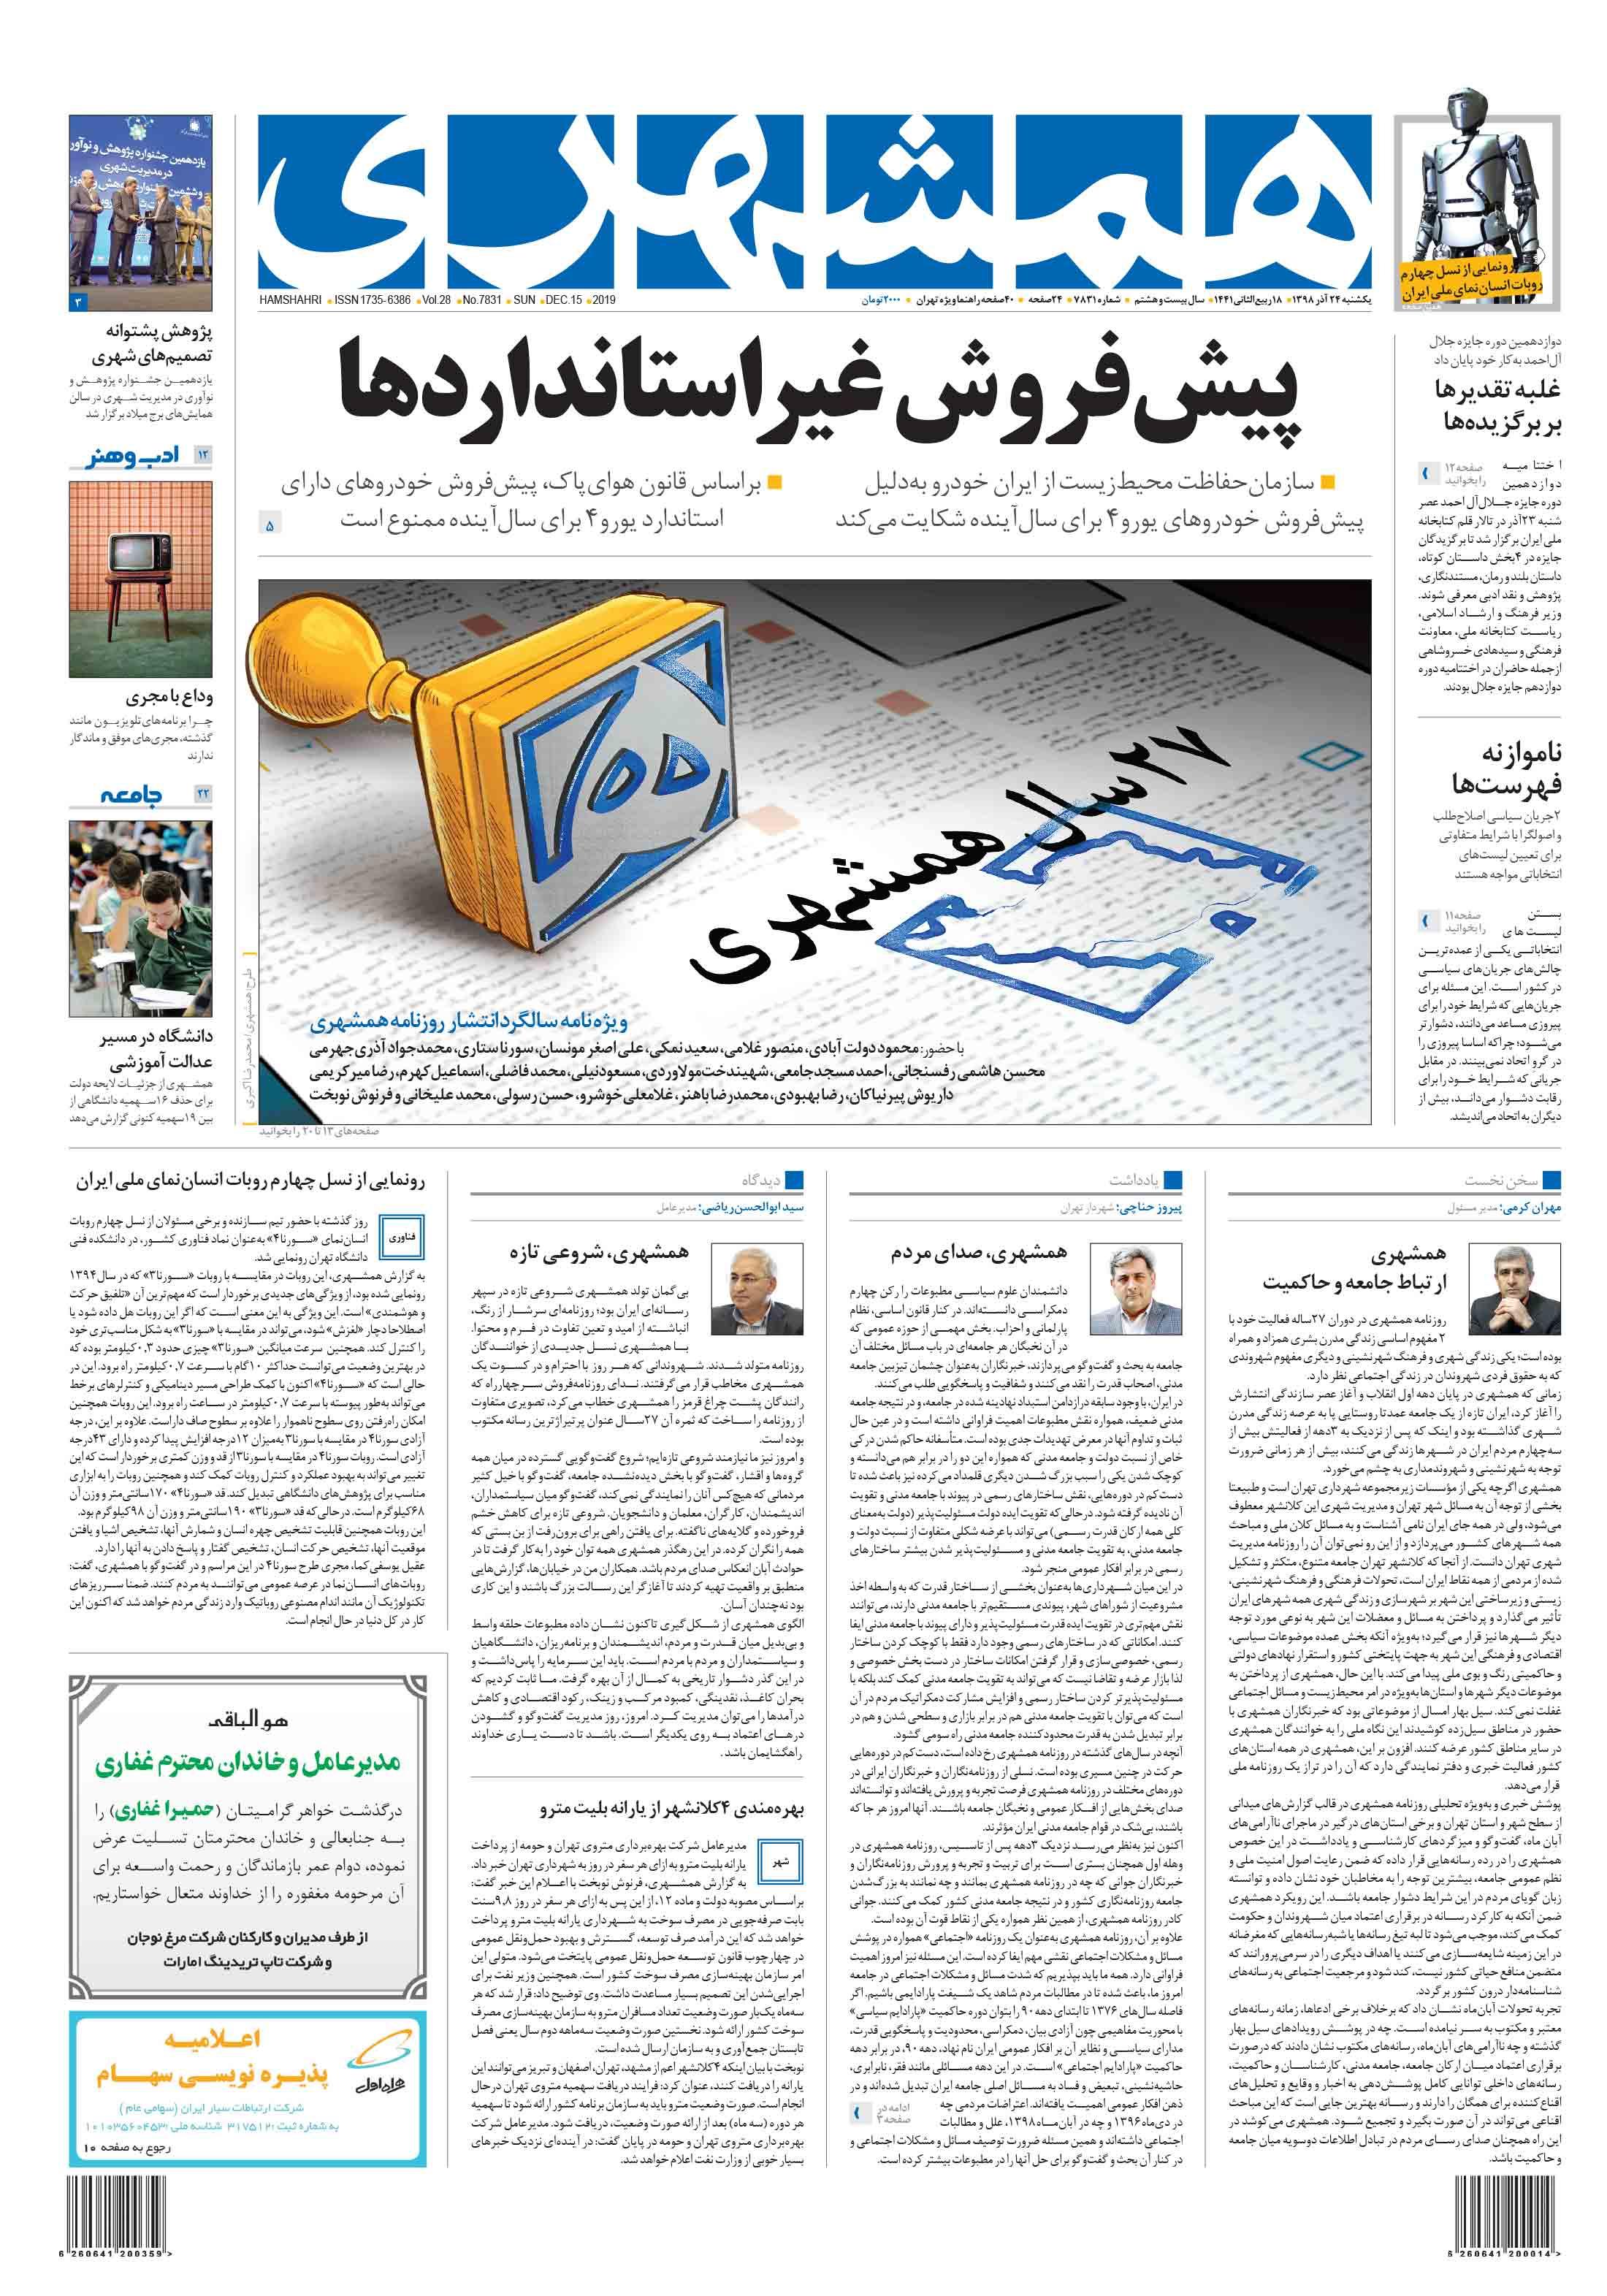 صفحه اول یکشنبه 24 آذر 1398